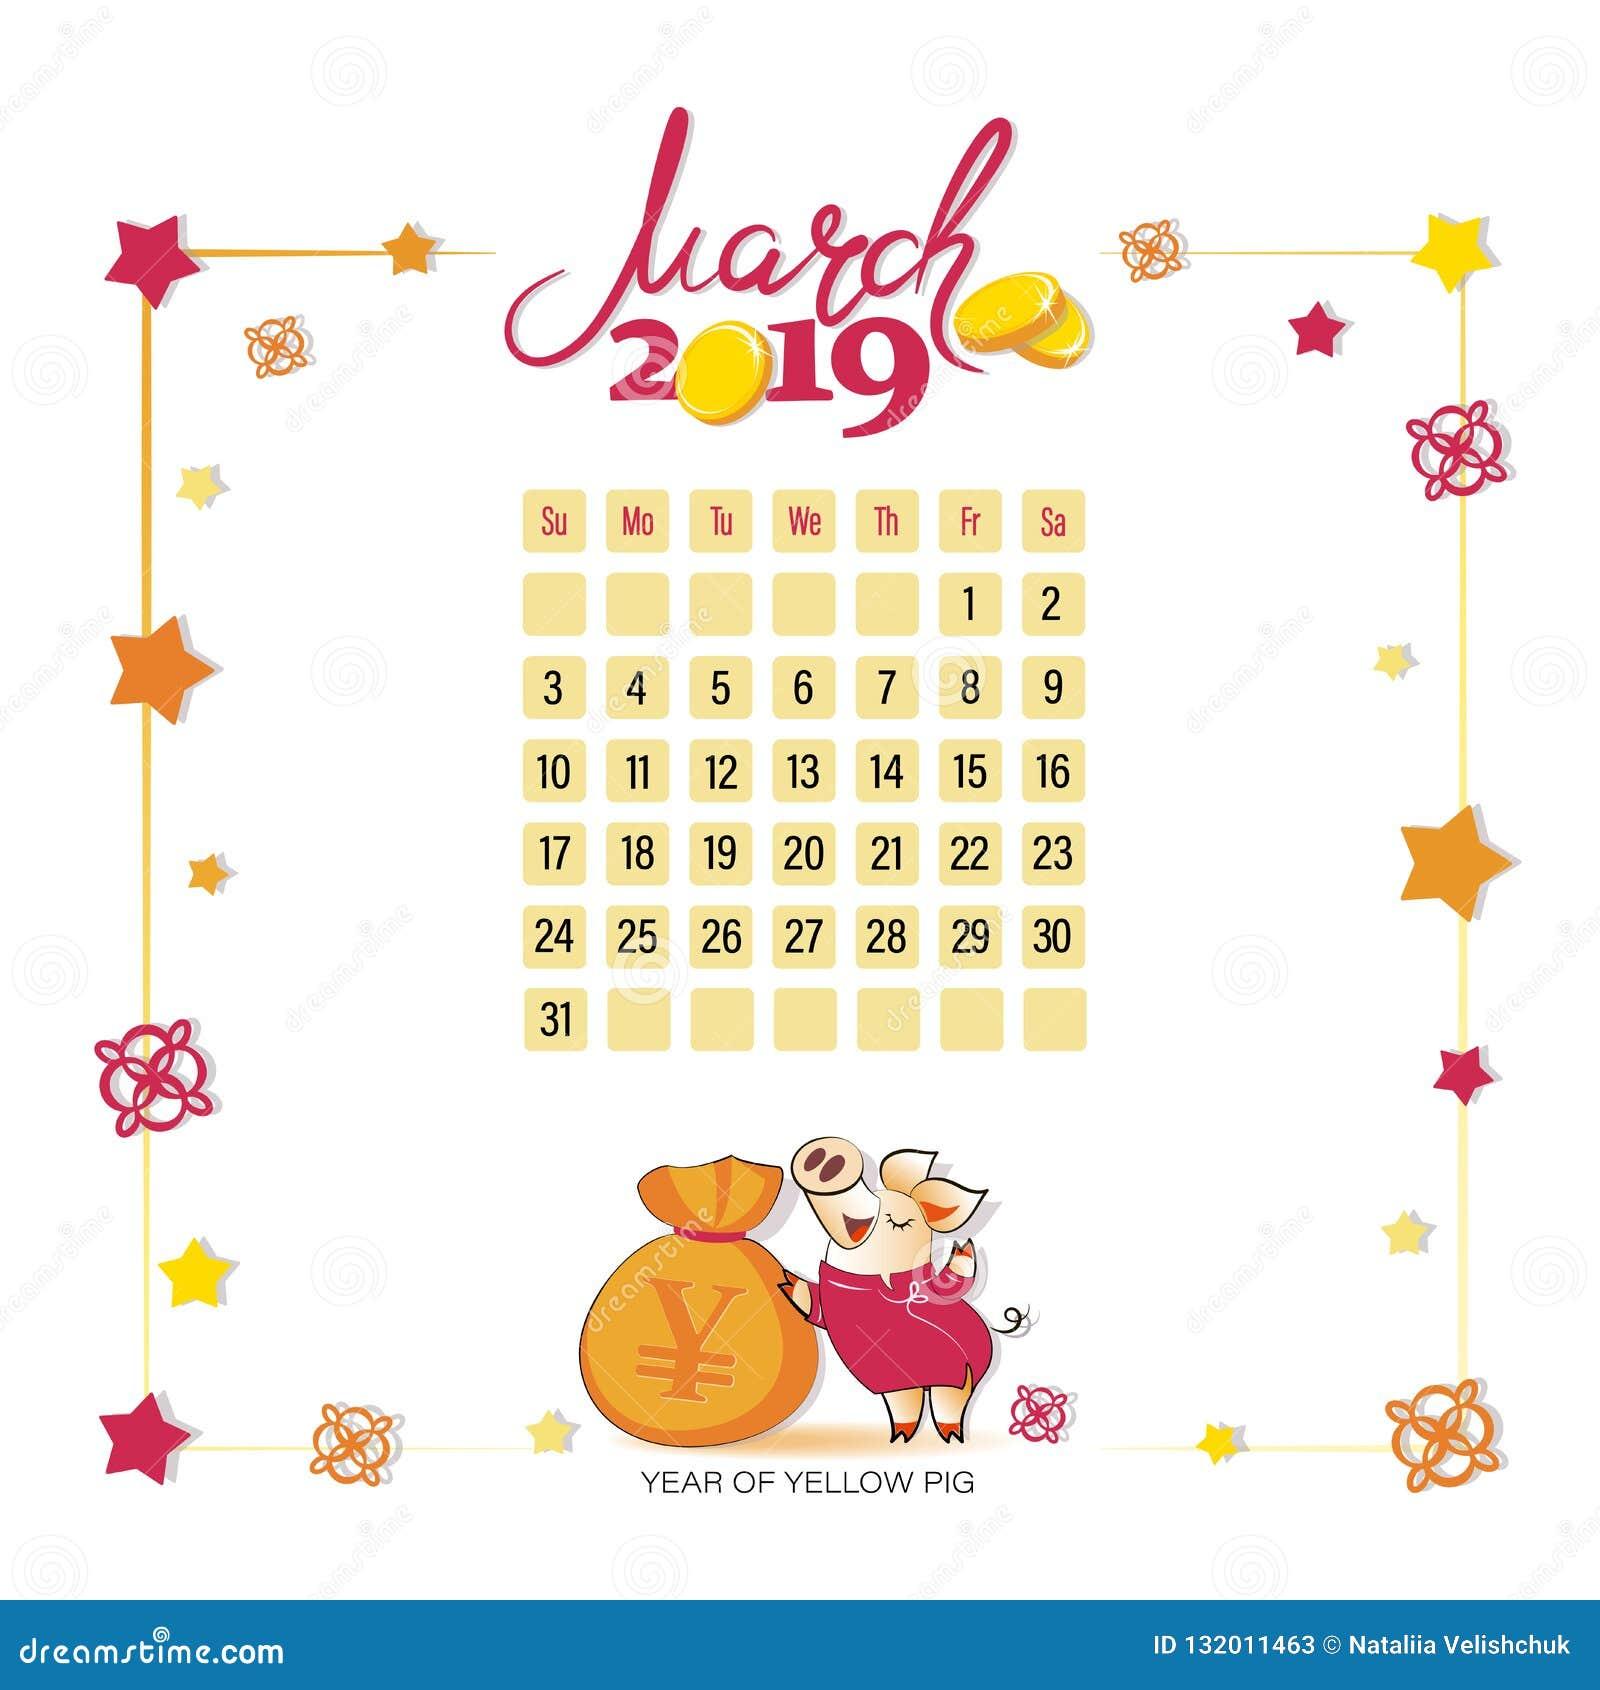 Borsa Calendario.Calendario 2019 Per Marzo Maiale Giallo Con Una Borsa Di